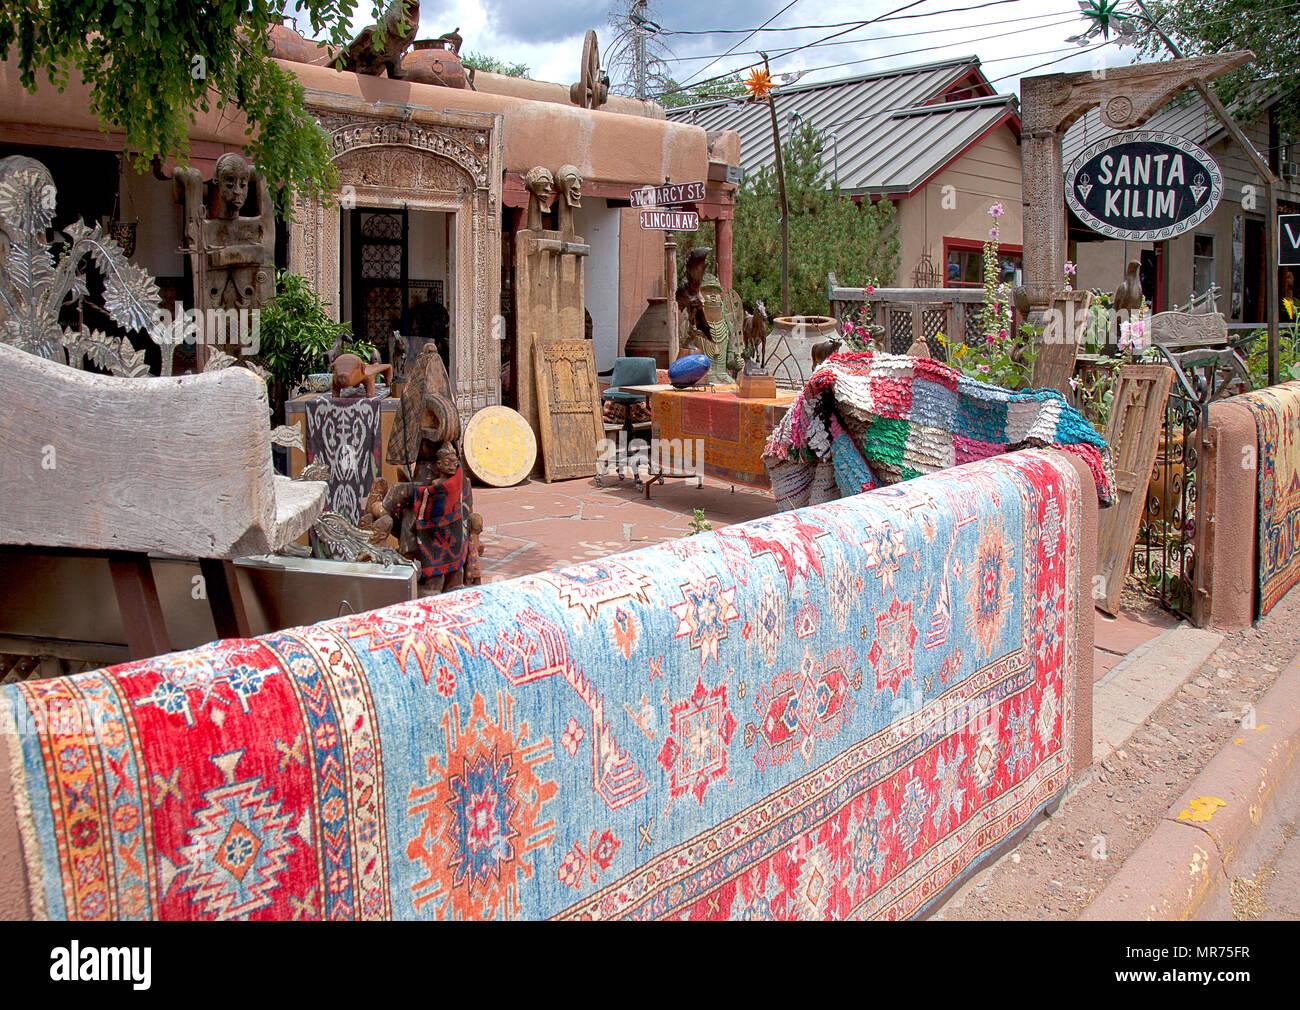 Une cour remplie de bizarreries, de tapis et d'ancienne portes sculptées d'Asian bric-a-brac tire shoppers dans Santa Kilim sur Canyon Road à Santa Fe, NW Photo Stock